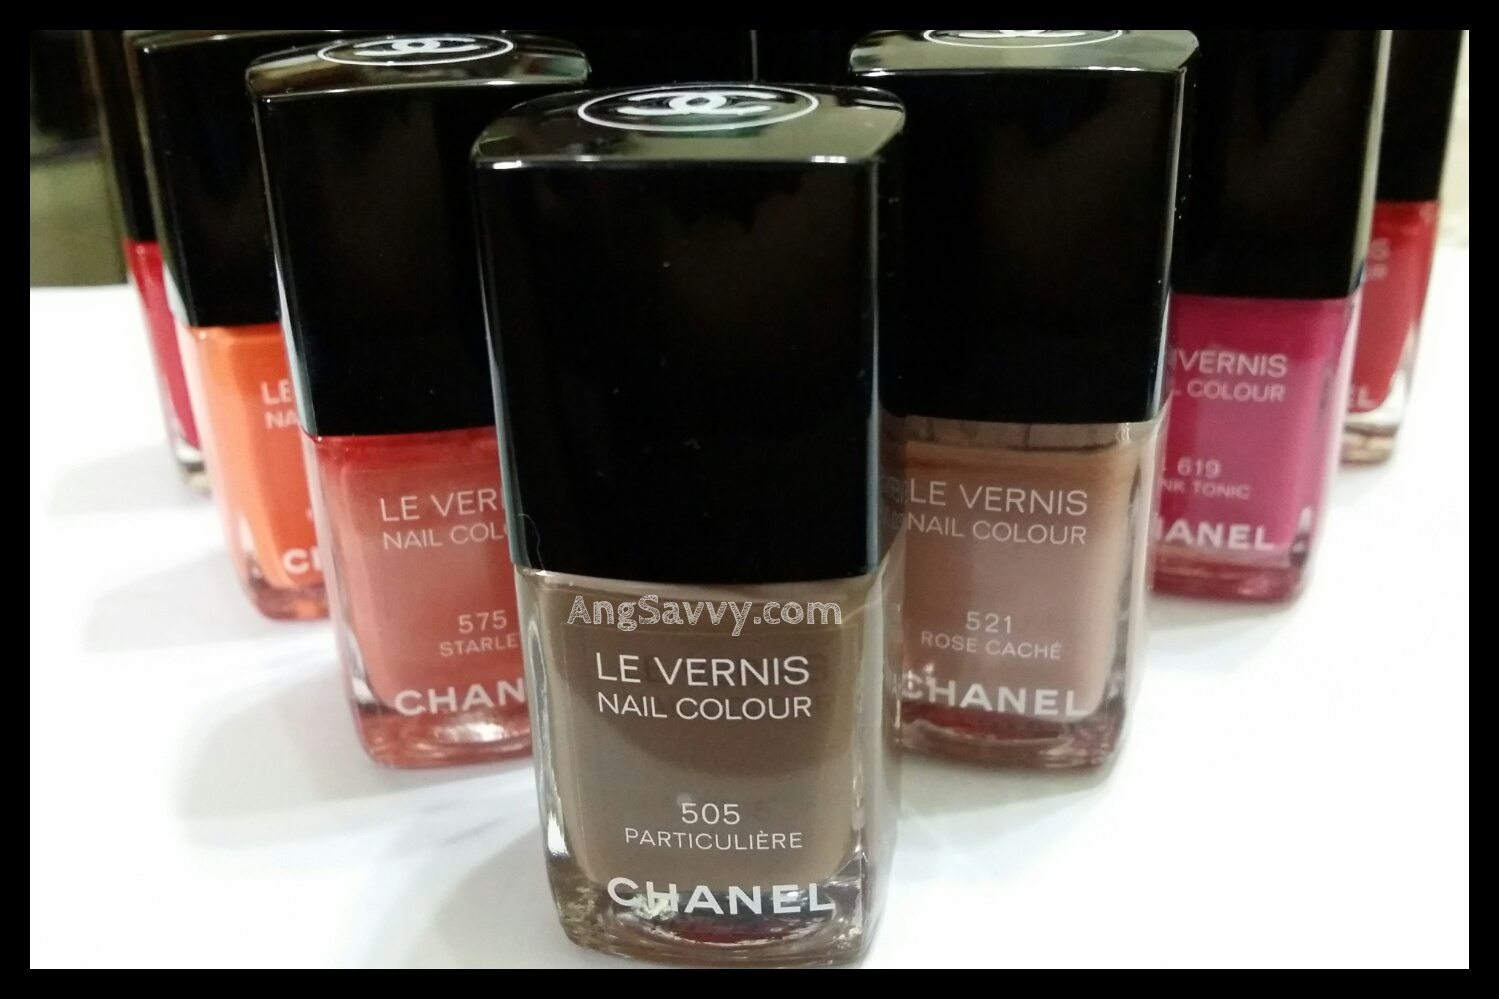 Chanel Le Vernis Nail Colour 505 Particuliere